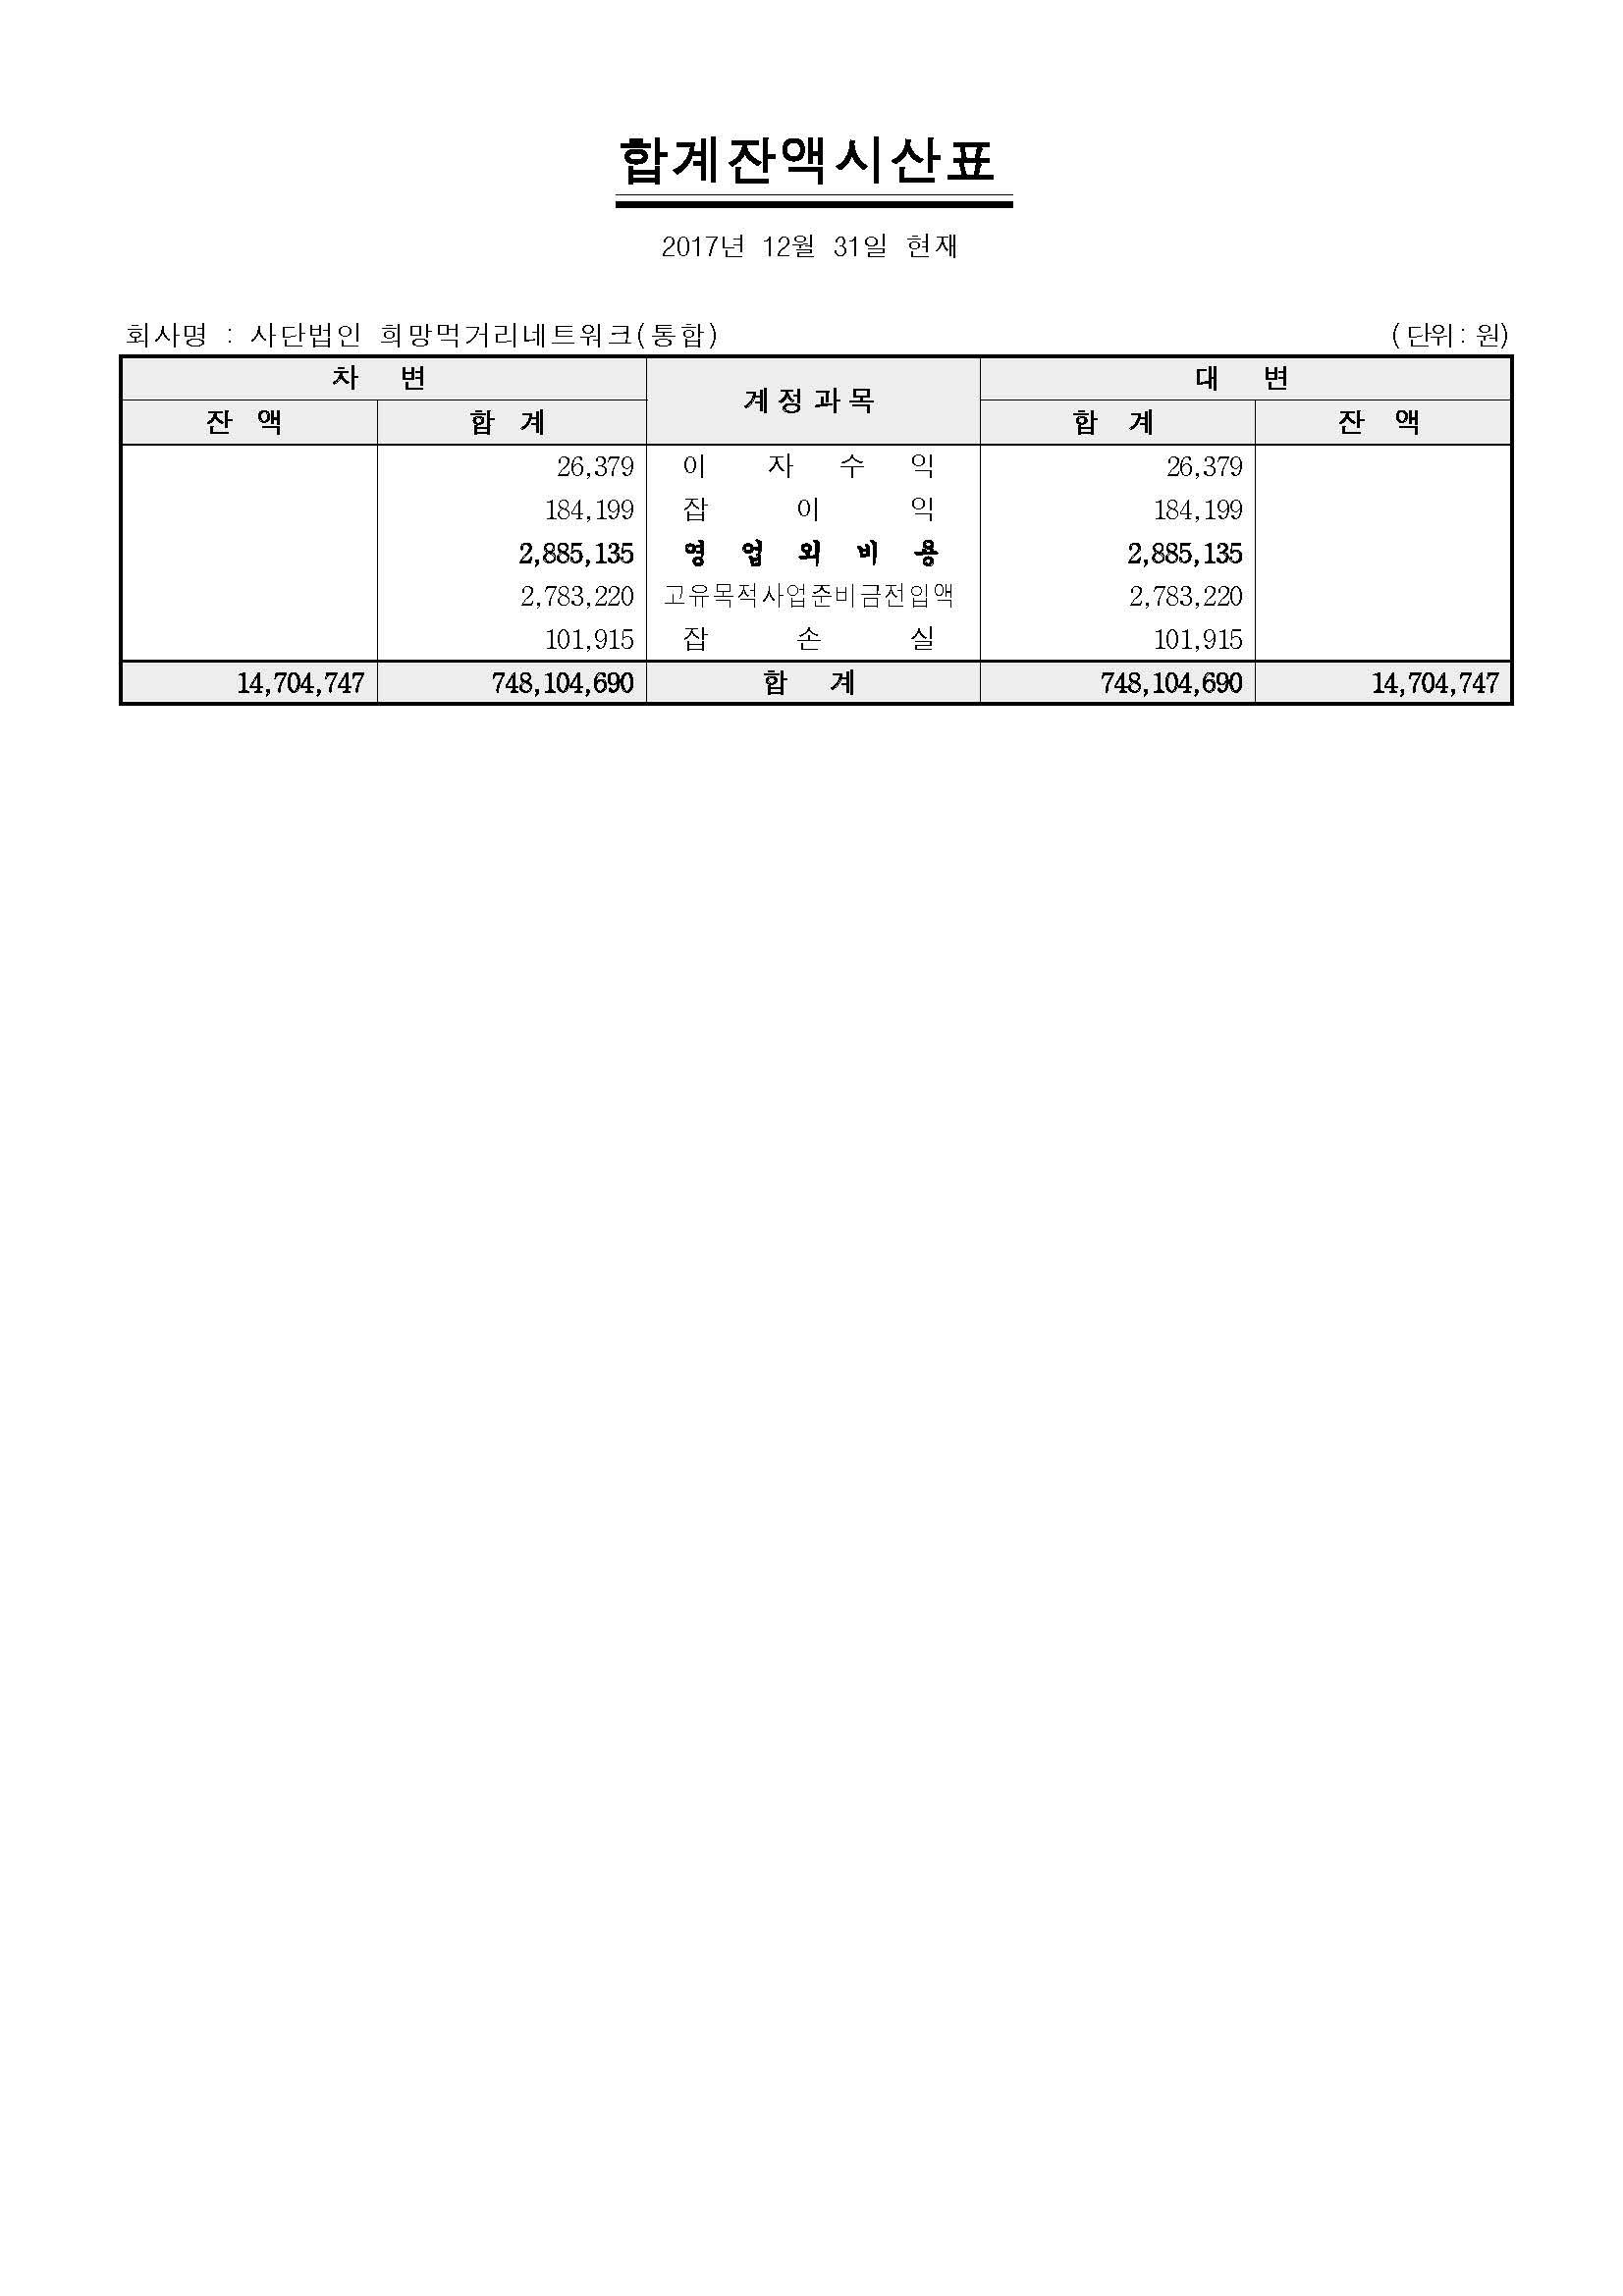 재무제표_사단법인 희망먹거리네트워크(통합)_페이지_5.jpg